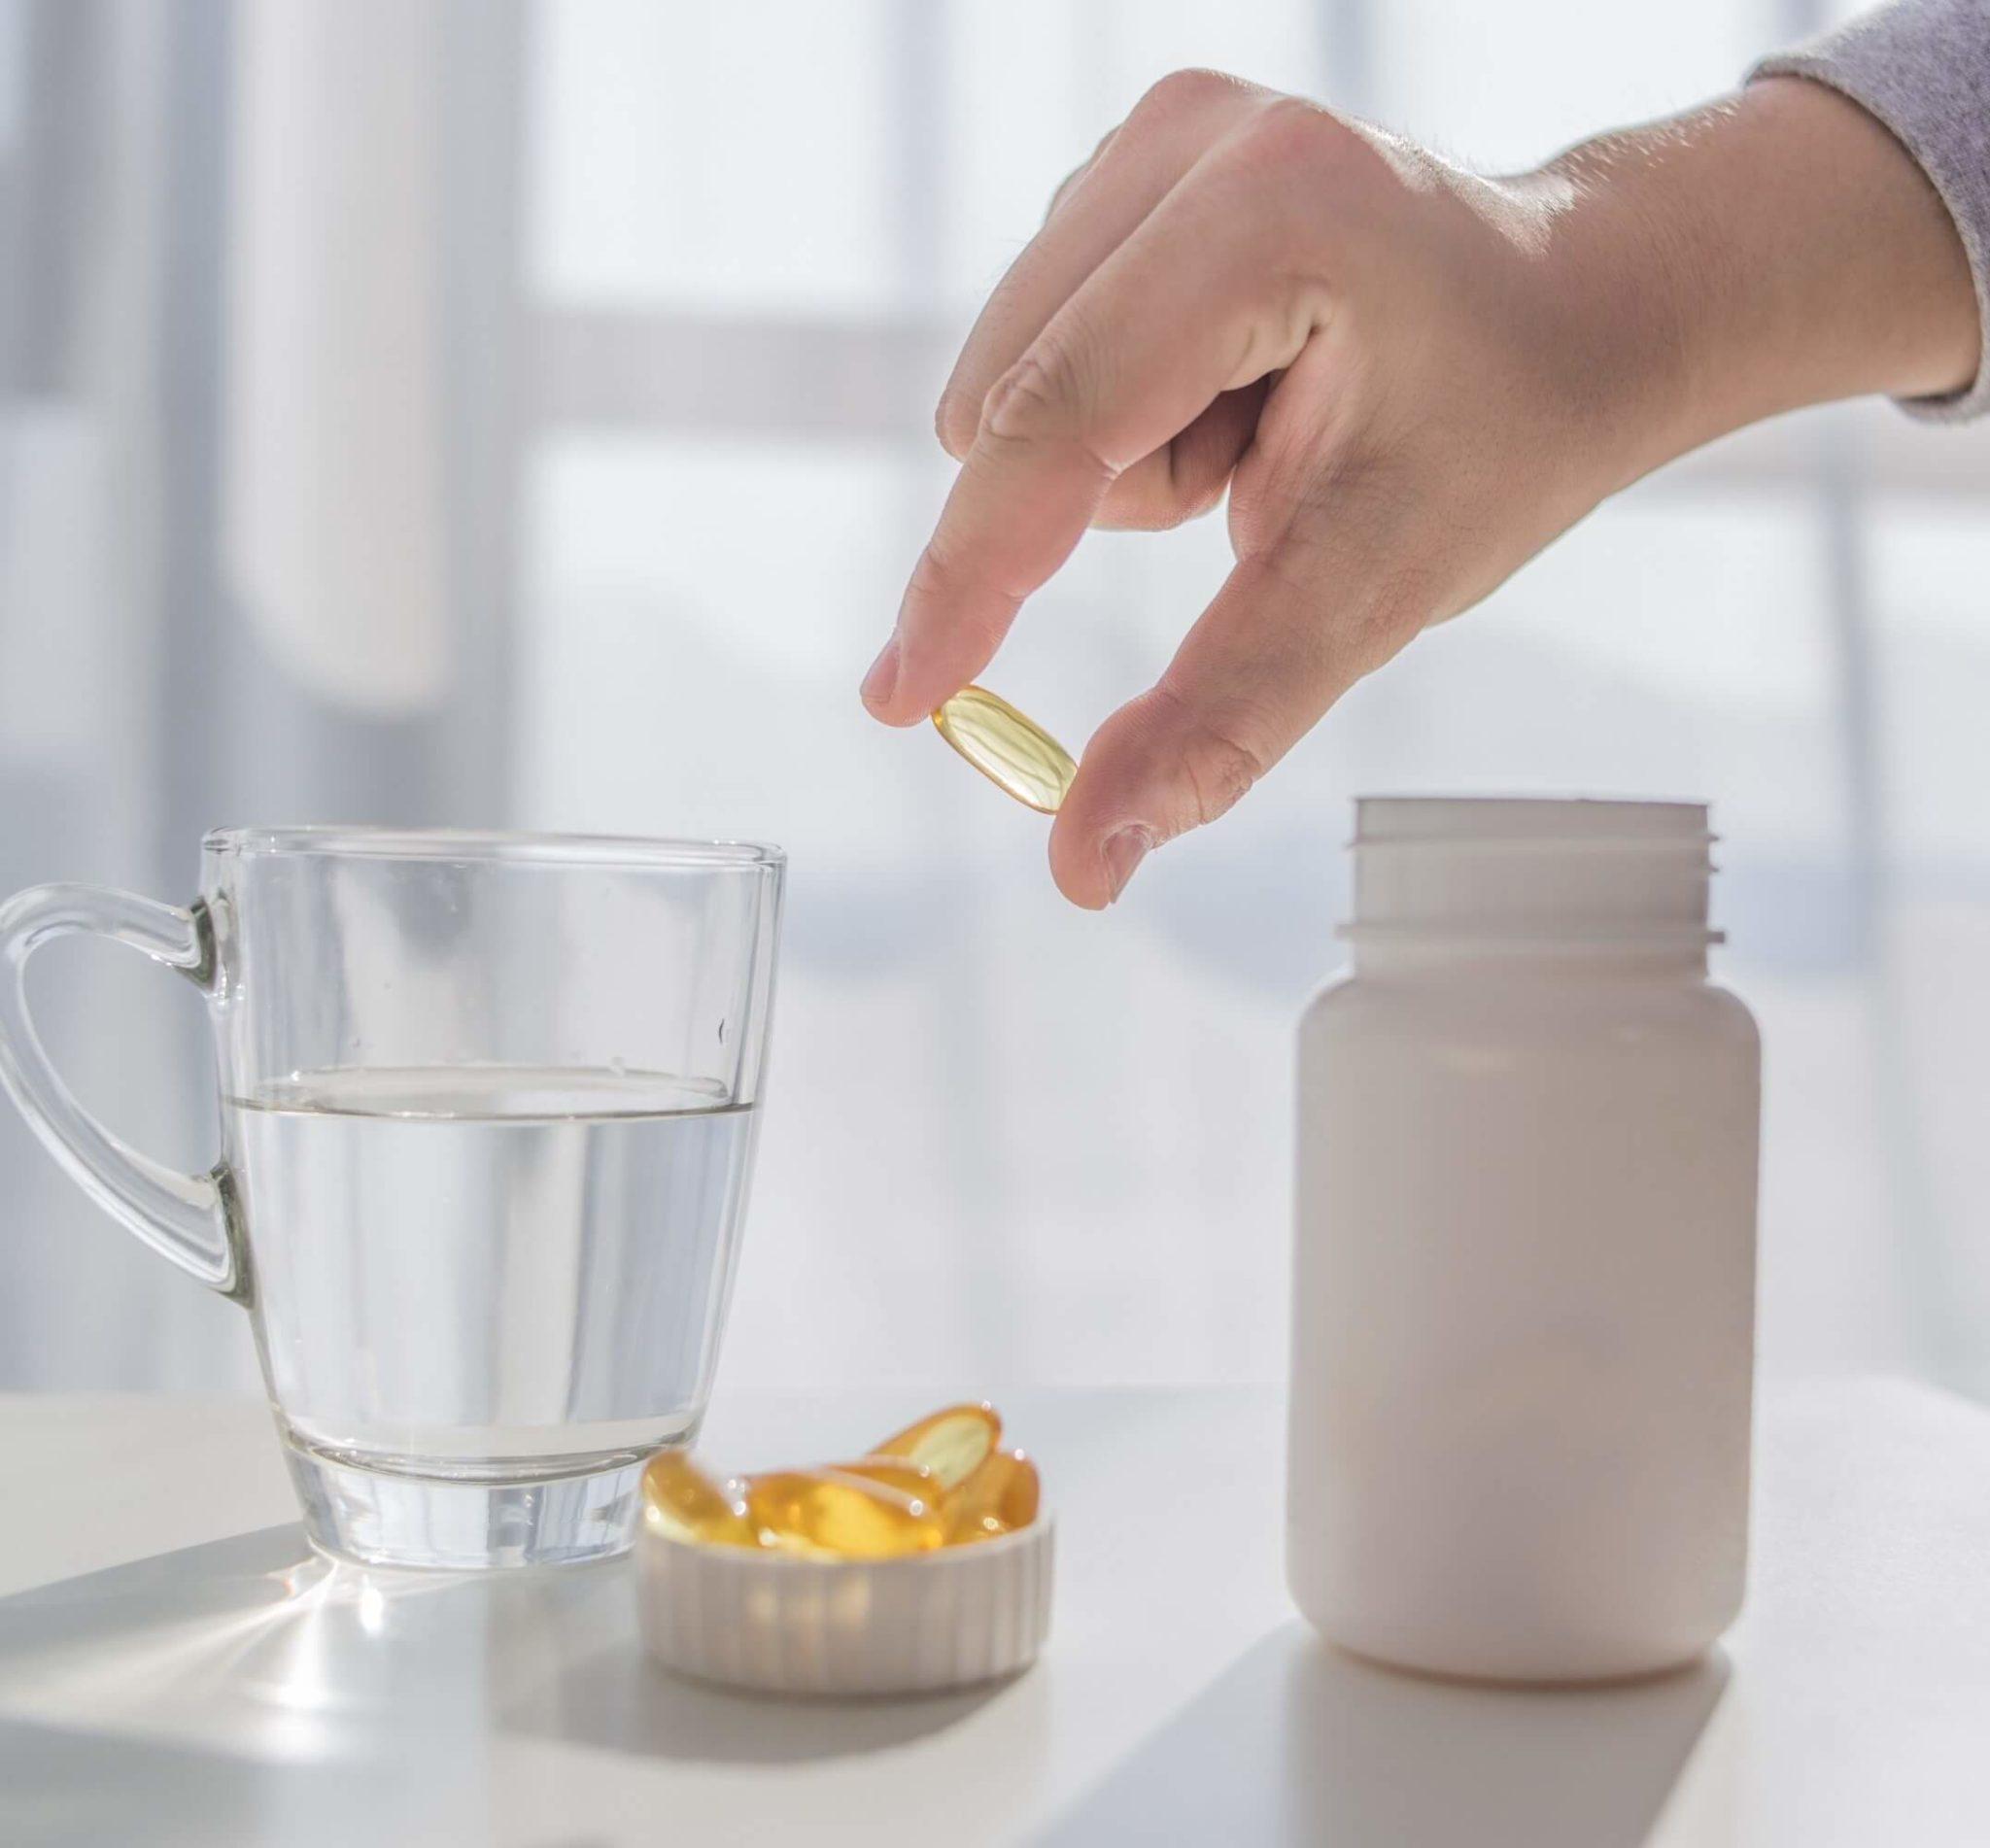 הפכו ליועצי הבריאות של עצמכם: משתמשים בתוספי תזונה? כך תעשו זאת נכון. סקירה דוסיז צרכנות